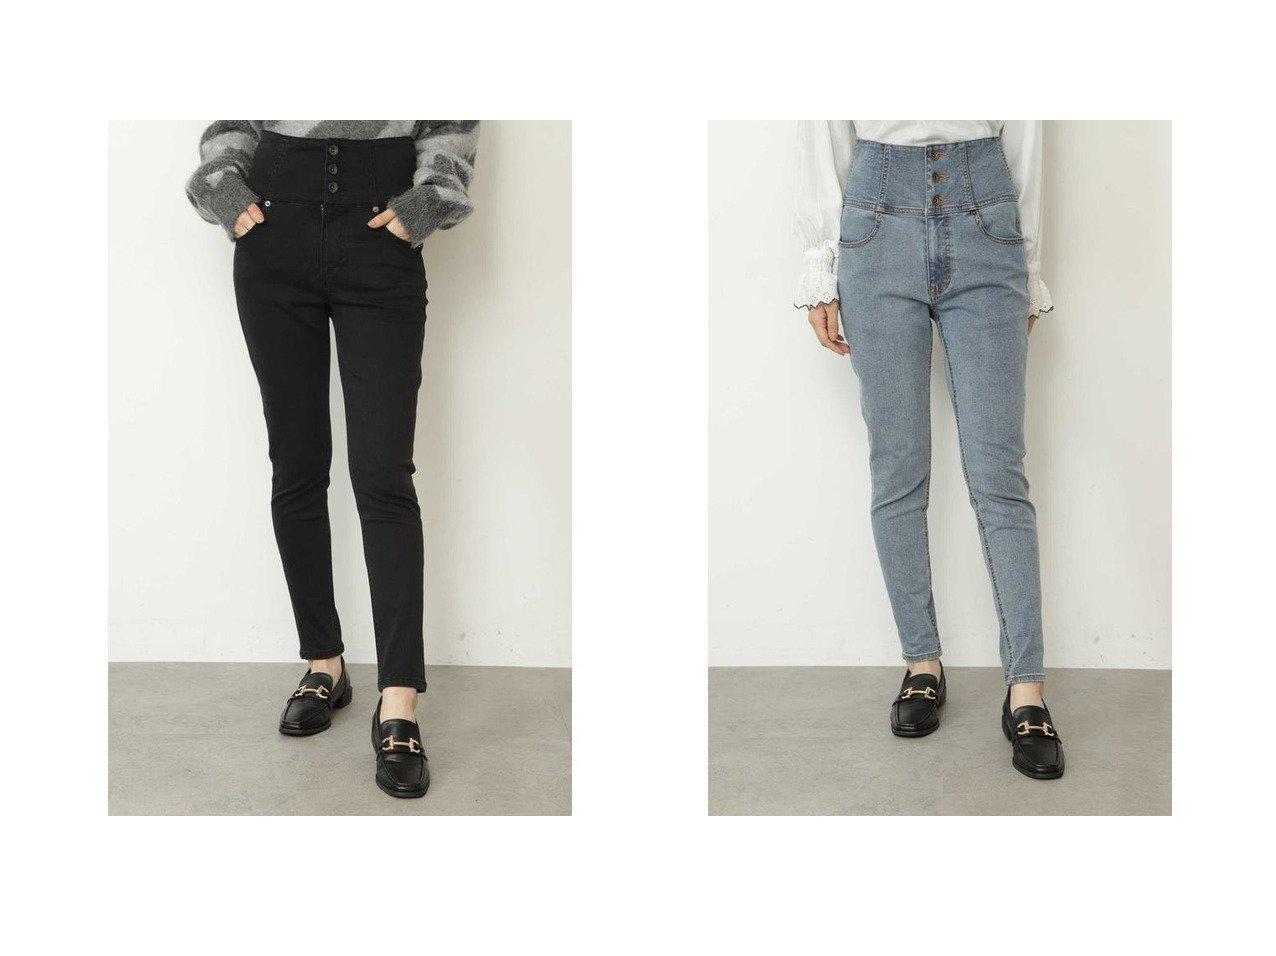 【FREE'S MART/フリーズマート】の《Sシリーズ対応商品》ハイウエストボタンフライスキニーデニム パンツのおすすめ!人気、トレンド・レディースファッションの通販 おすすめで人気の流行・トレンド、ファッションの通販商品 メンズファッション・キッズファッション・インテリア・家具・レディースファッション・服の通販 founy(ファニー) https://founy.com/ ファッション Fashion レディースファッション WOMEN パンツ Pants デニム 定番 Standard  ID:crp329100000022439